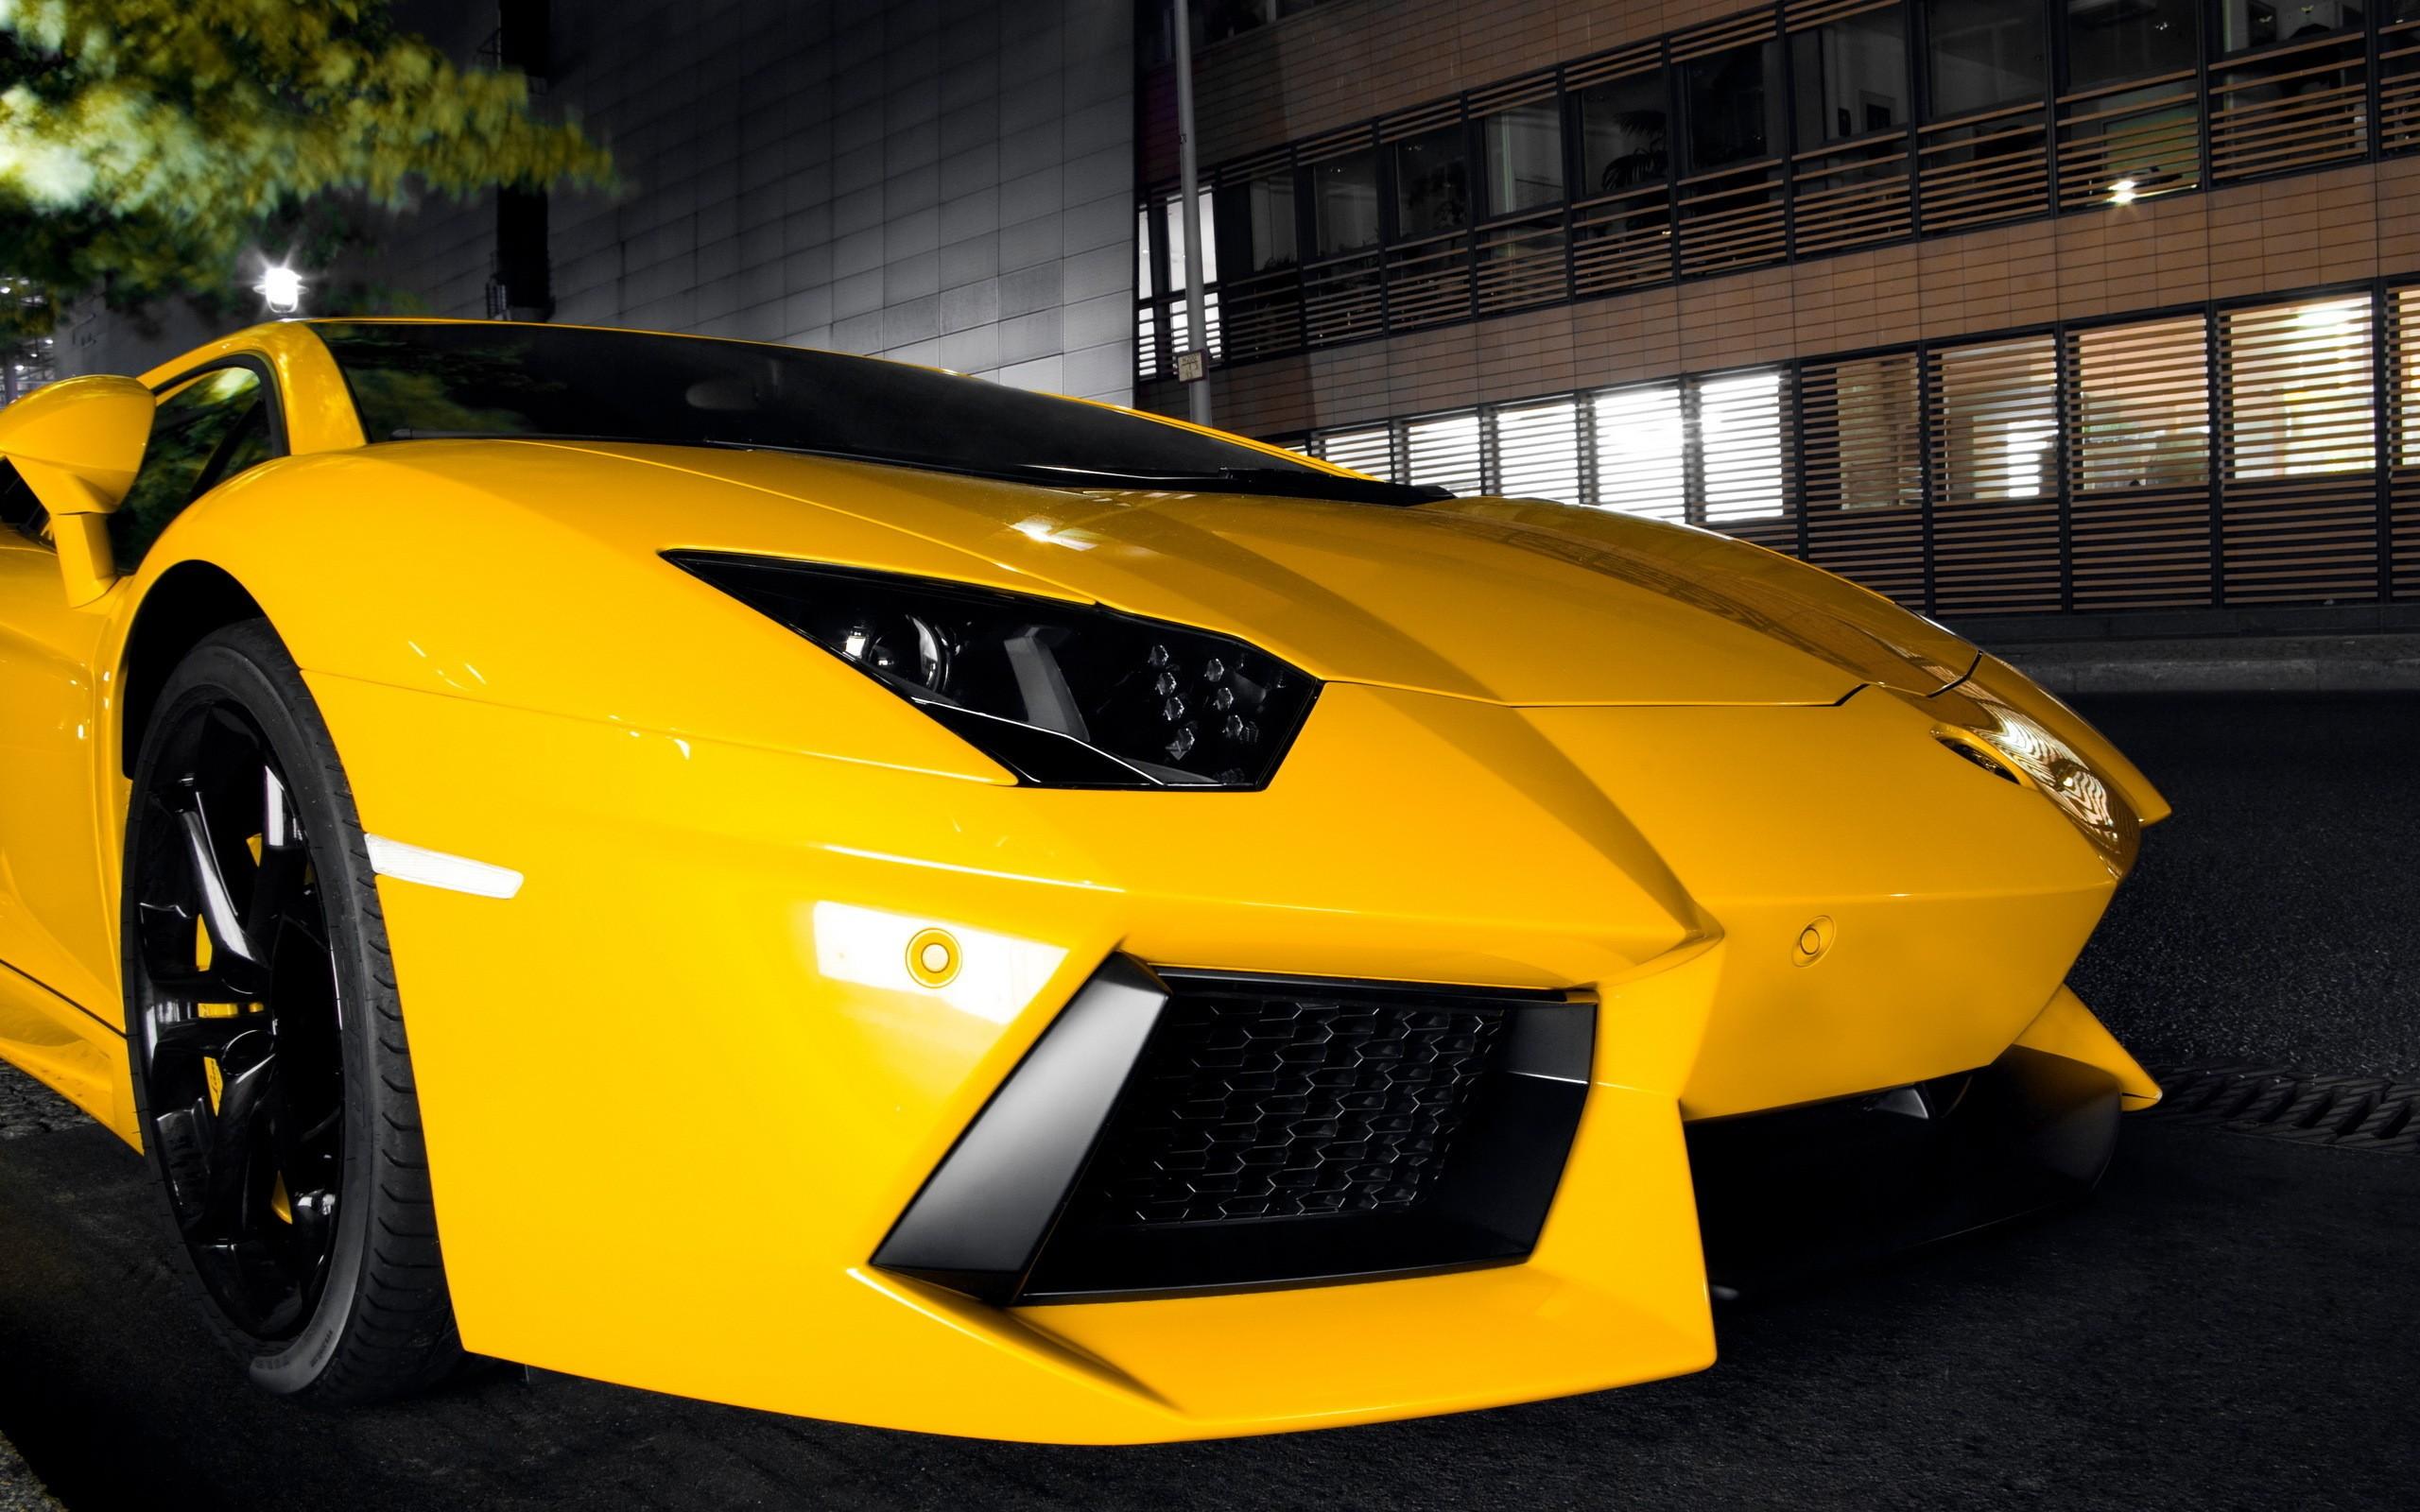 Cars Lamborghini Lamborghini Aventador Yellow Cars Wallpaper 2560x1600 8152 Wallpaperup